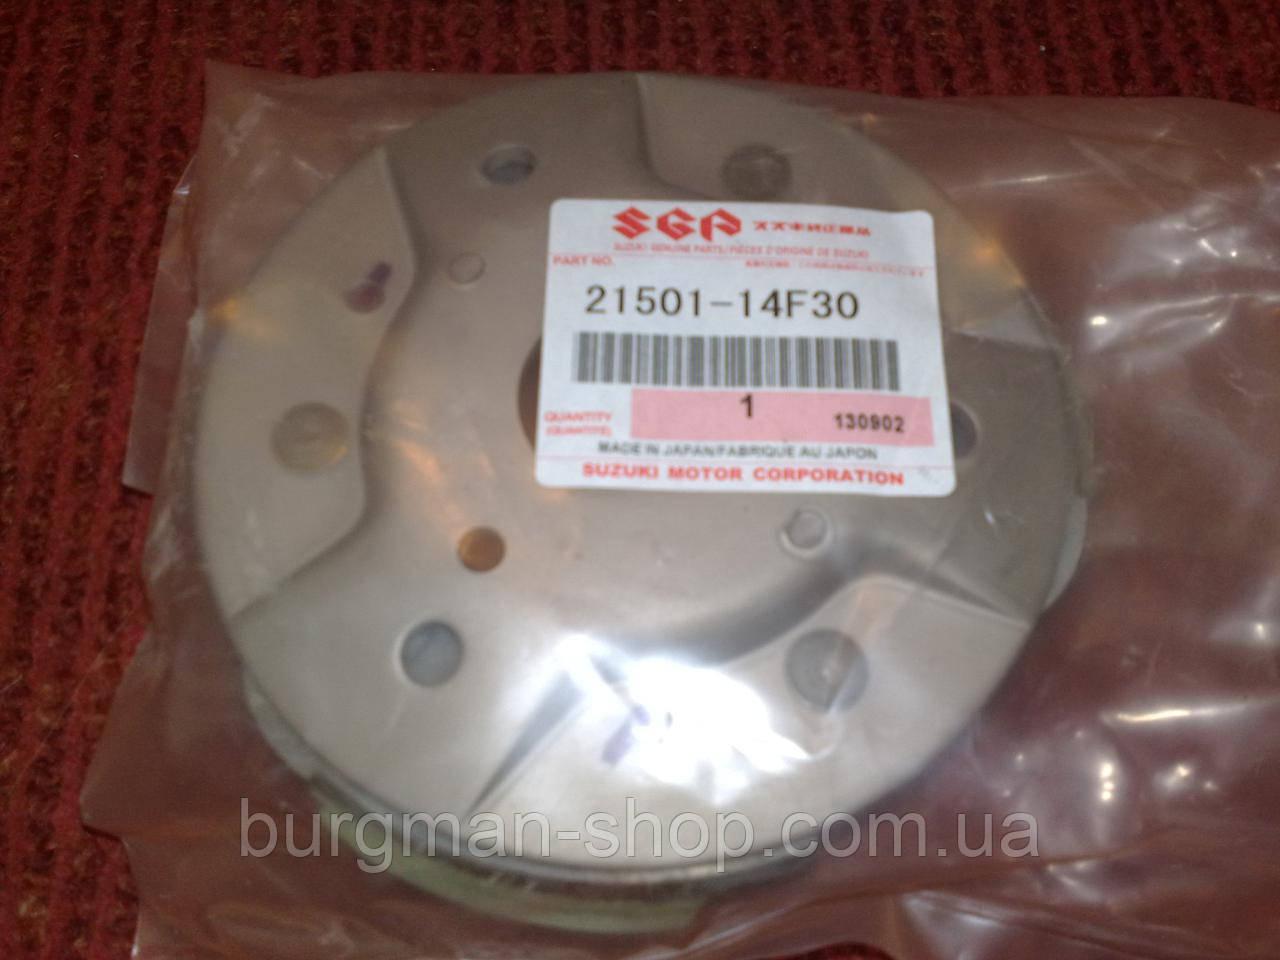 Плата сцепления 250сс К3-К6 Suzuki Burgman SkyWave 21501-14F30